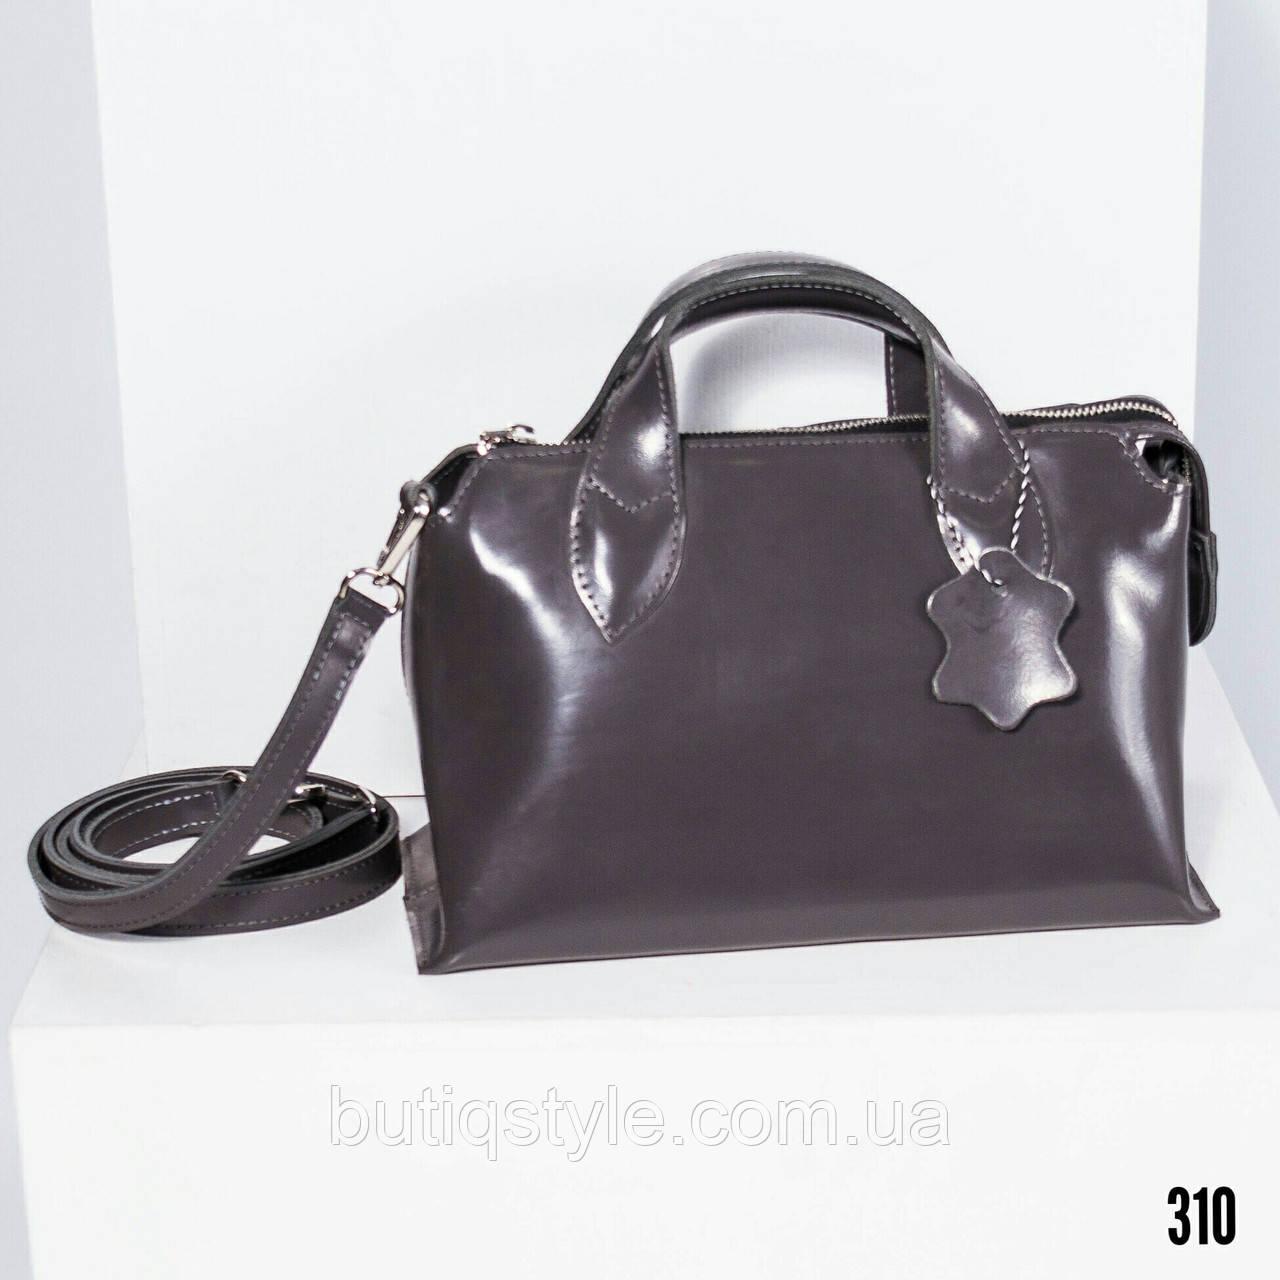 Модная женская серая сумка натуральная лаковая кожа